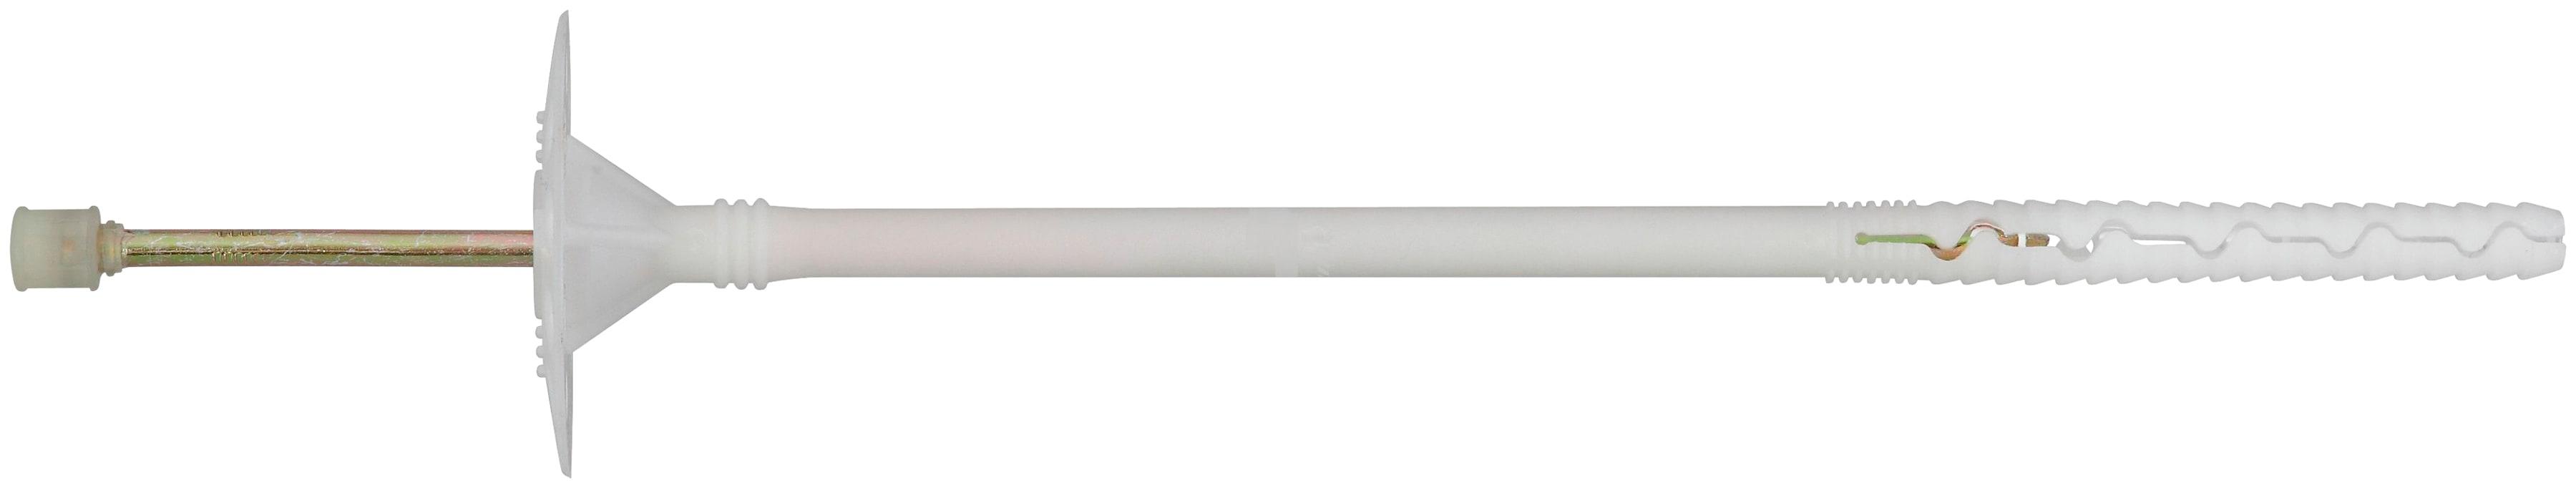 RAMSES Dämmstoffdübel | Baumarkt > Modernisieren und Baün > Dämmstoffe | RAMSES